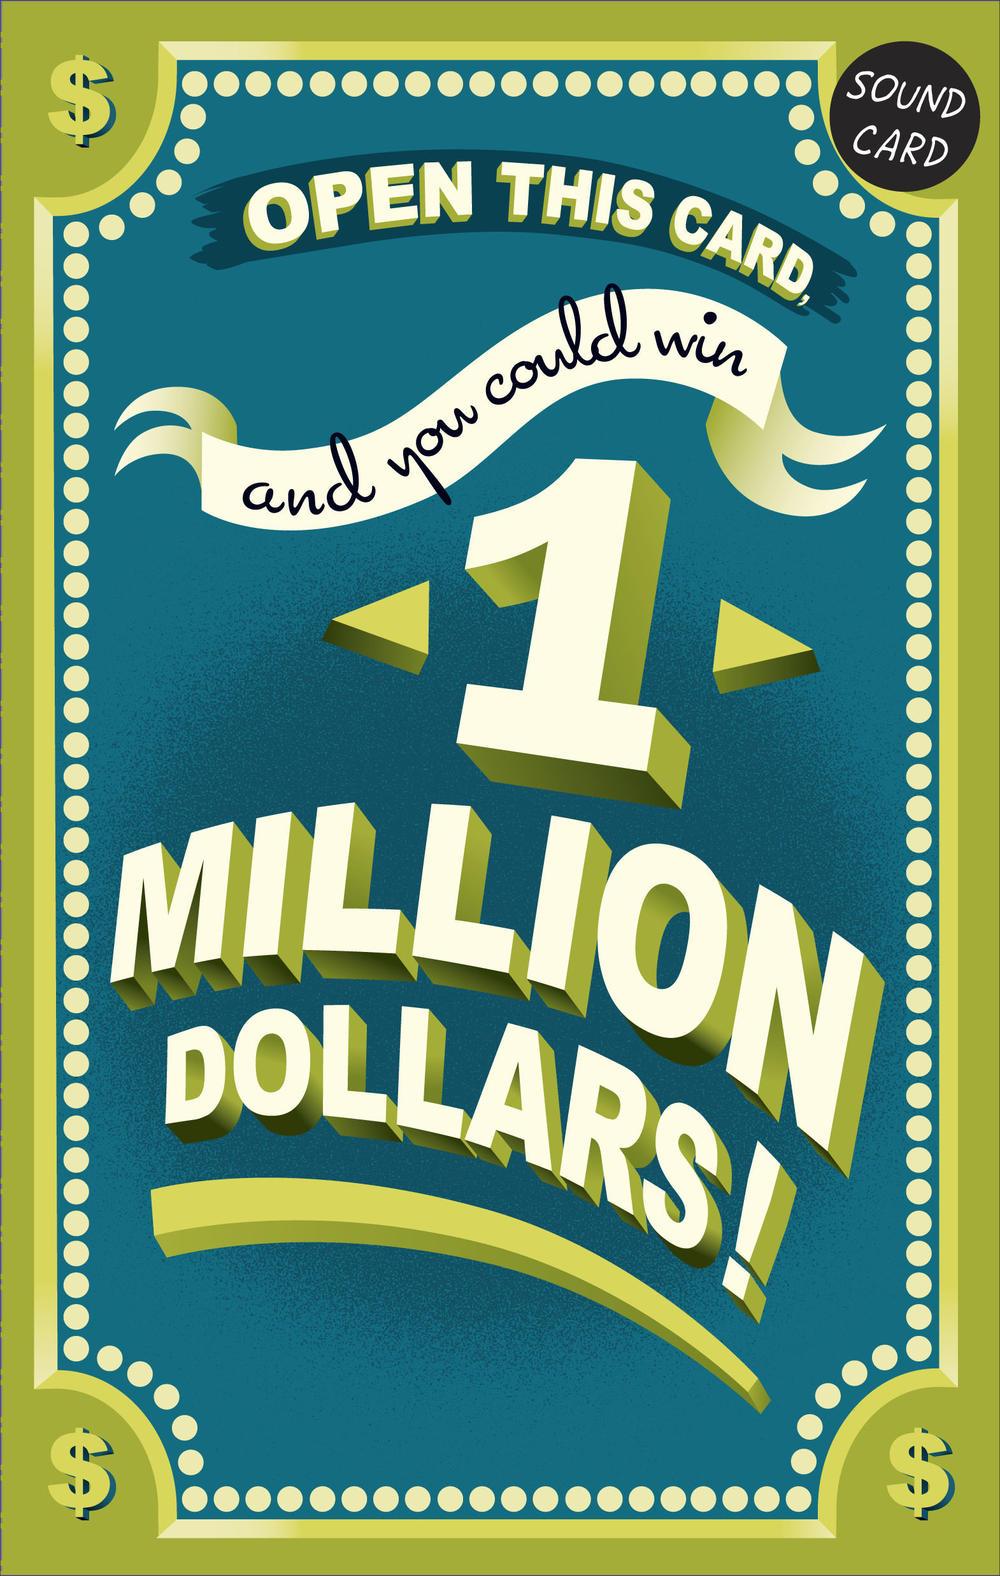 Funny One Million Dollar Sound Birthday Card